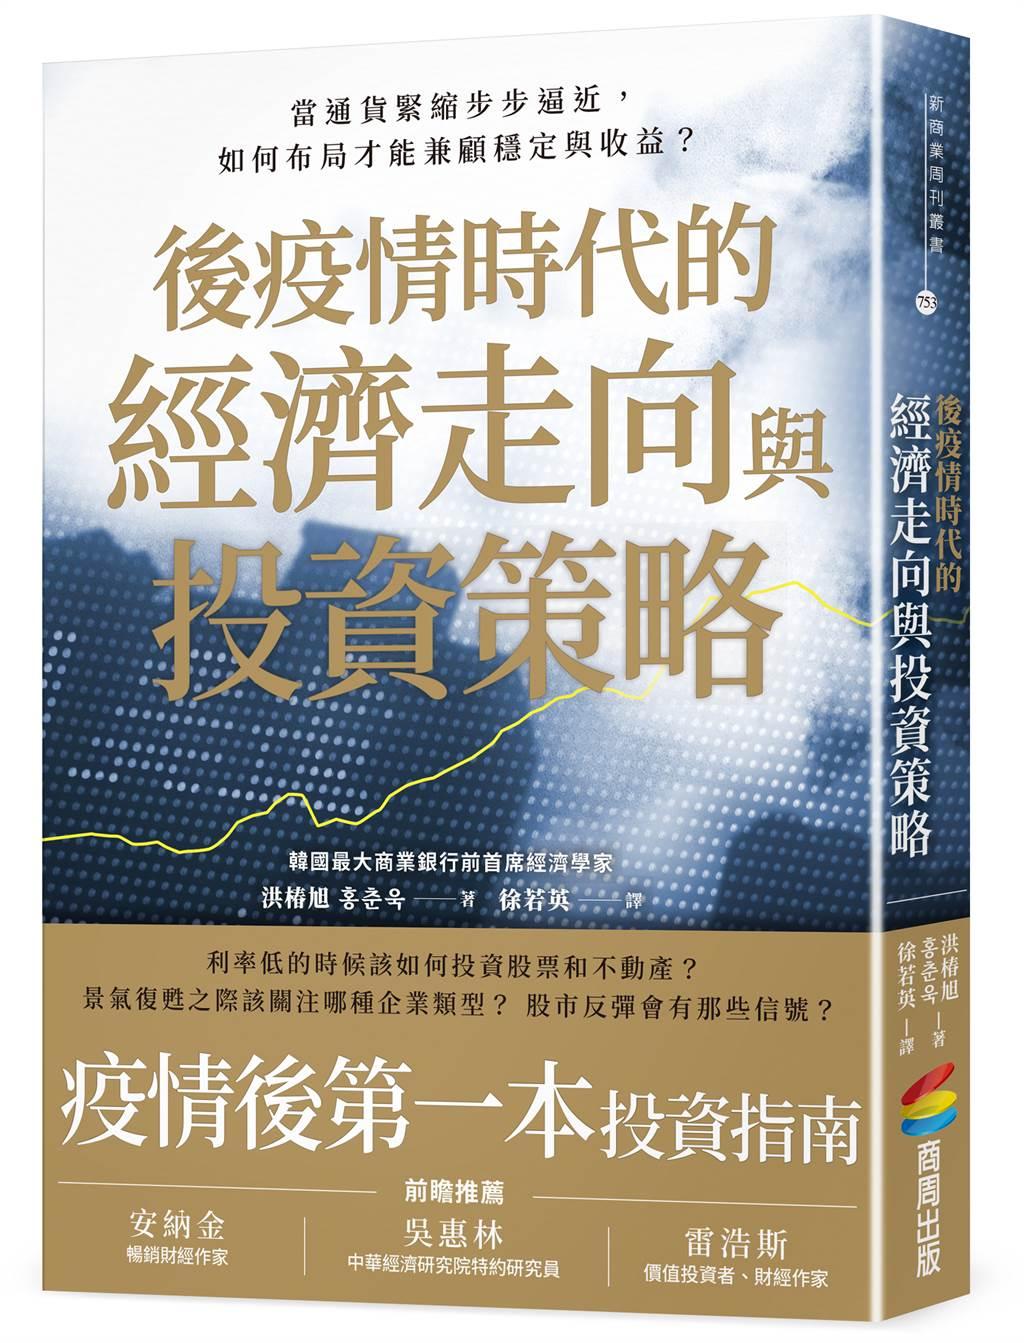 《後疫情時代的經濟走向與投資策略》/商周出版